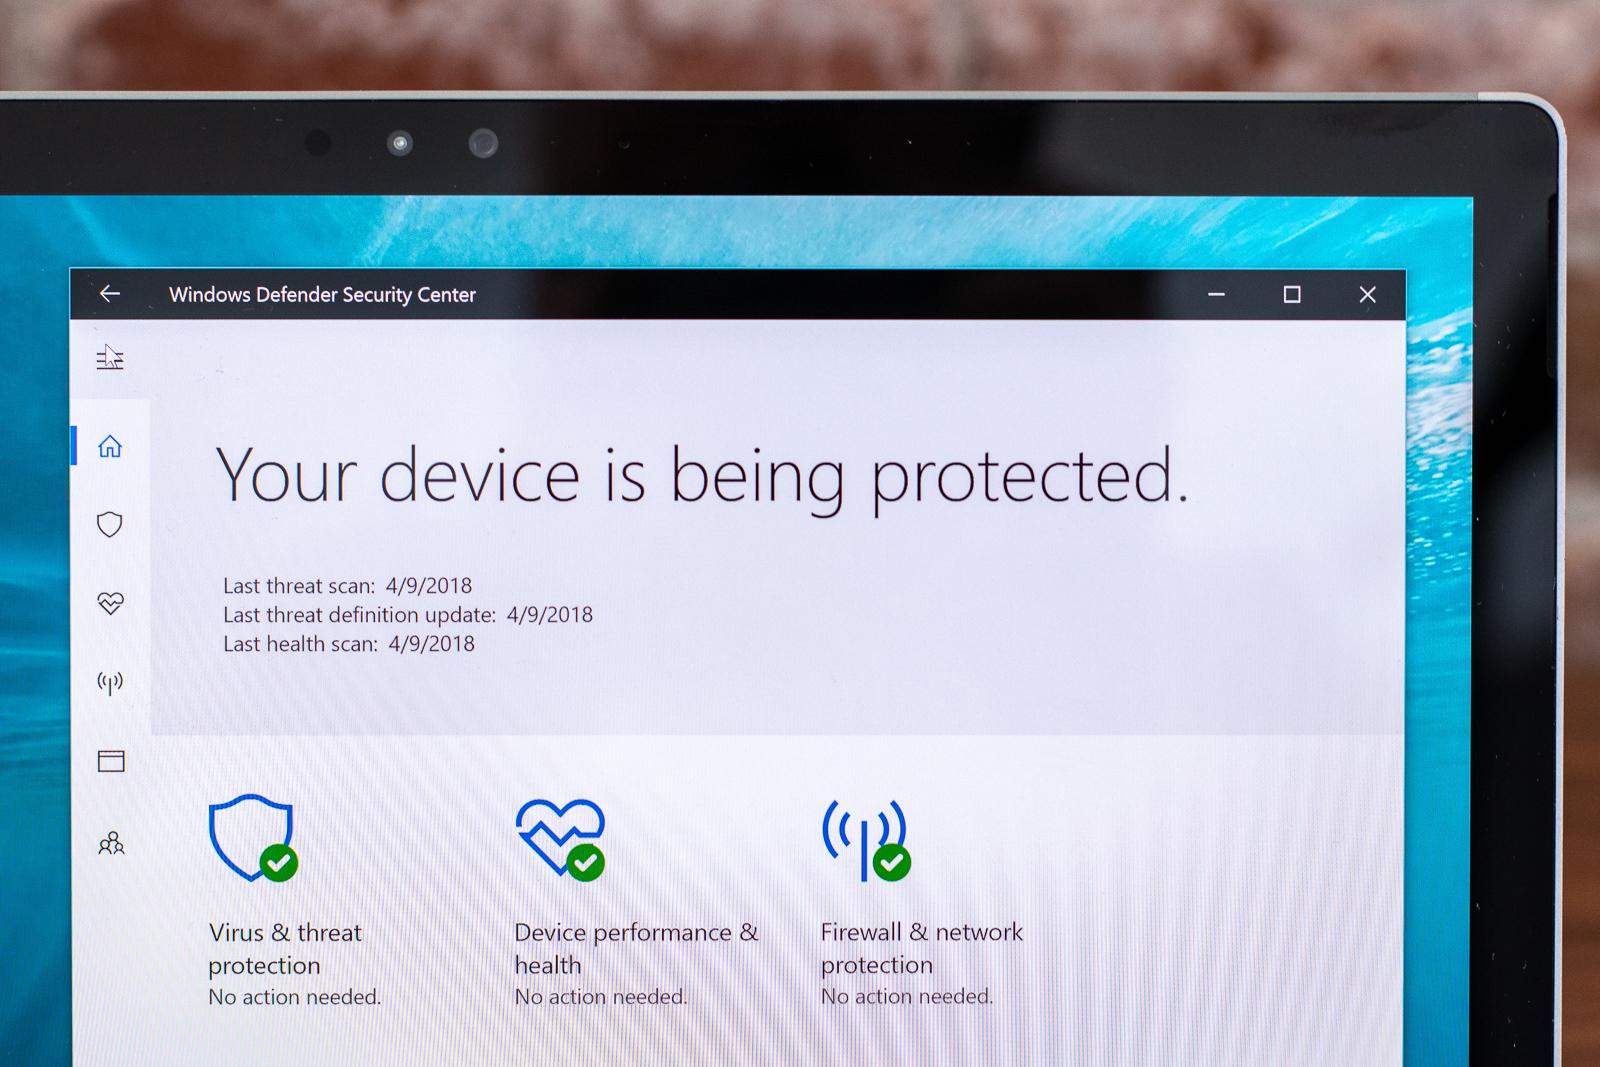 The best antivirus is not traditional antivirus